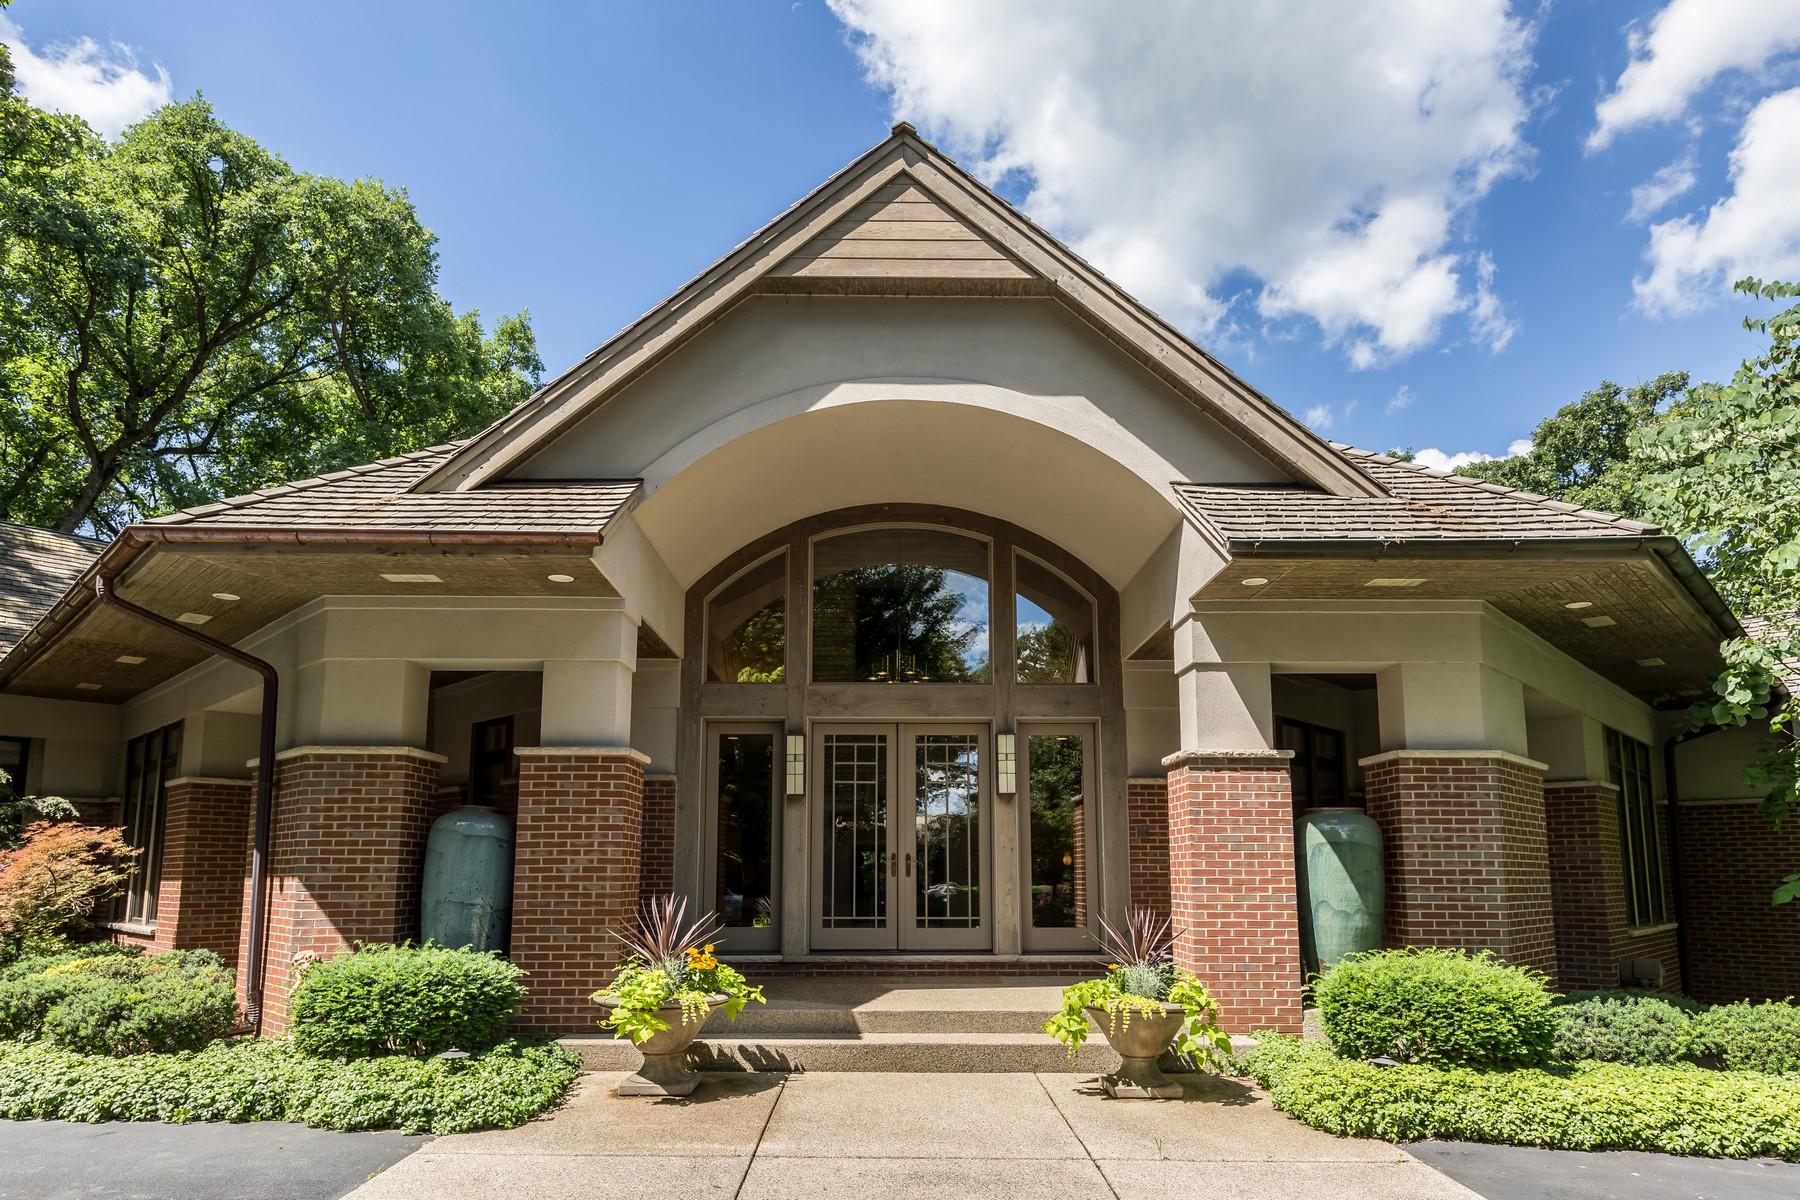 一戸建て のために 売買 アット Stunning Custom Home 132 N Wynstone Drive North Barrington, イリノイ, 60010 アメリカ合衆国